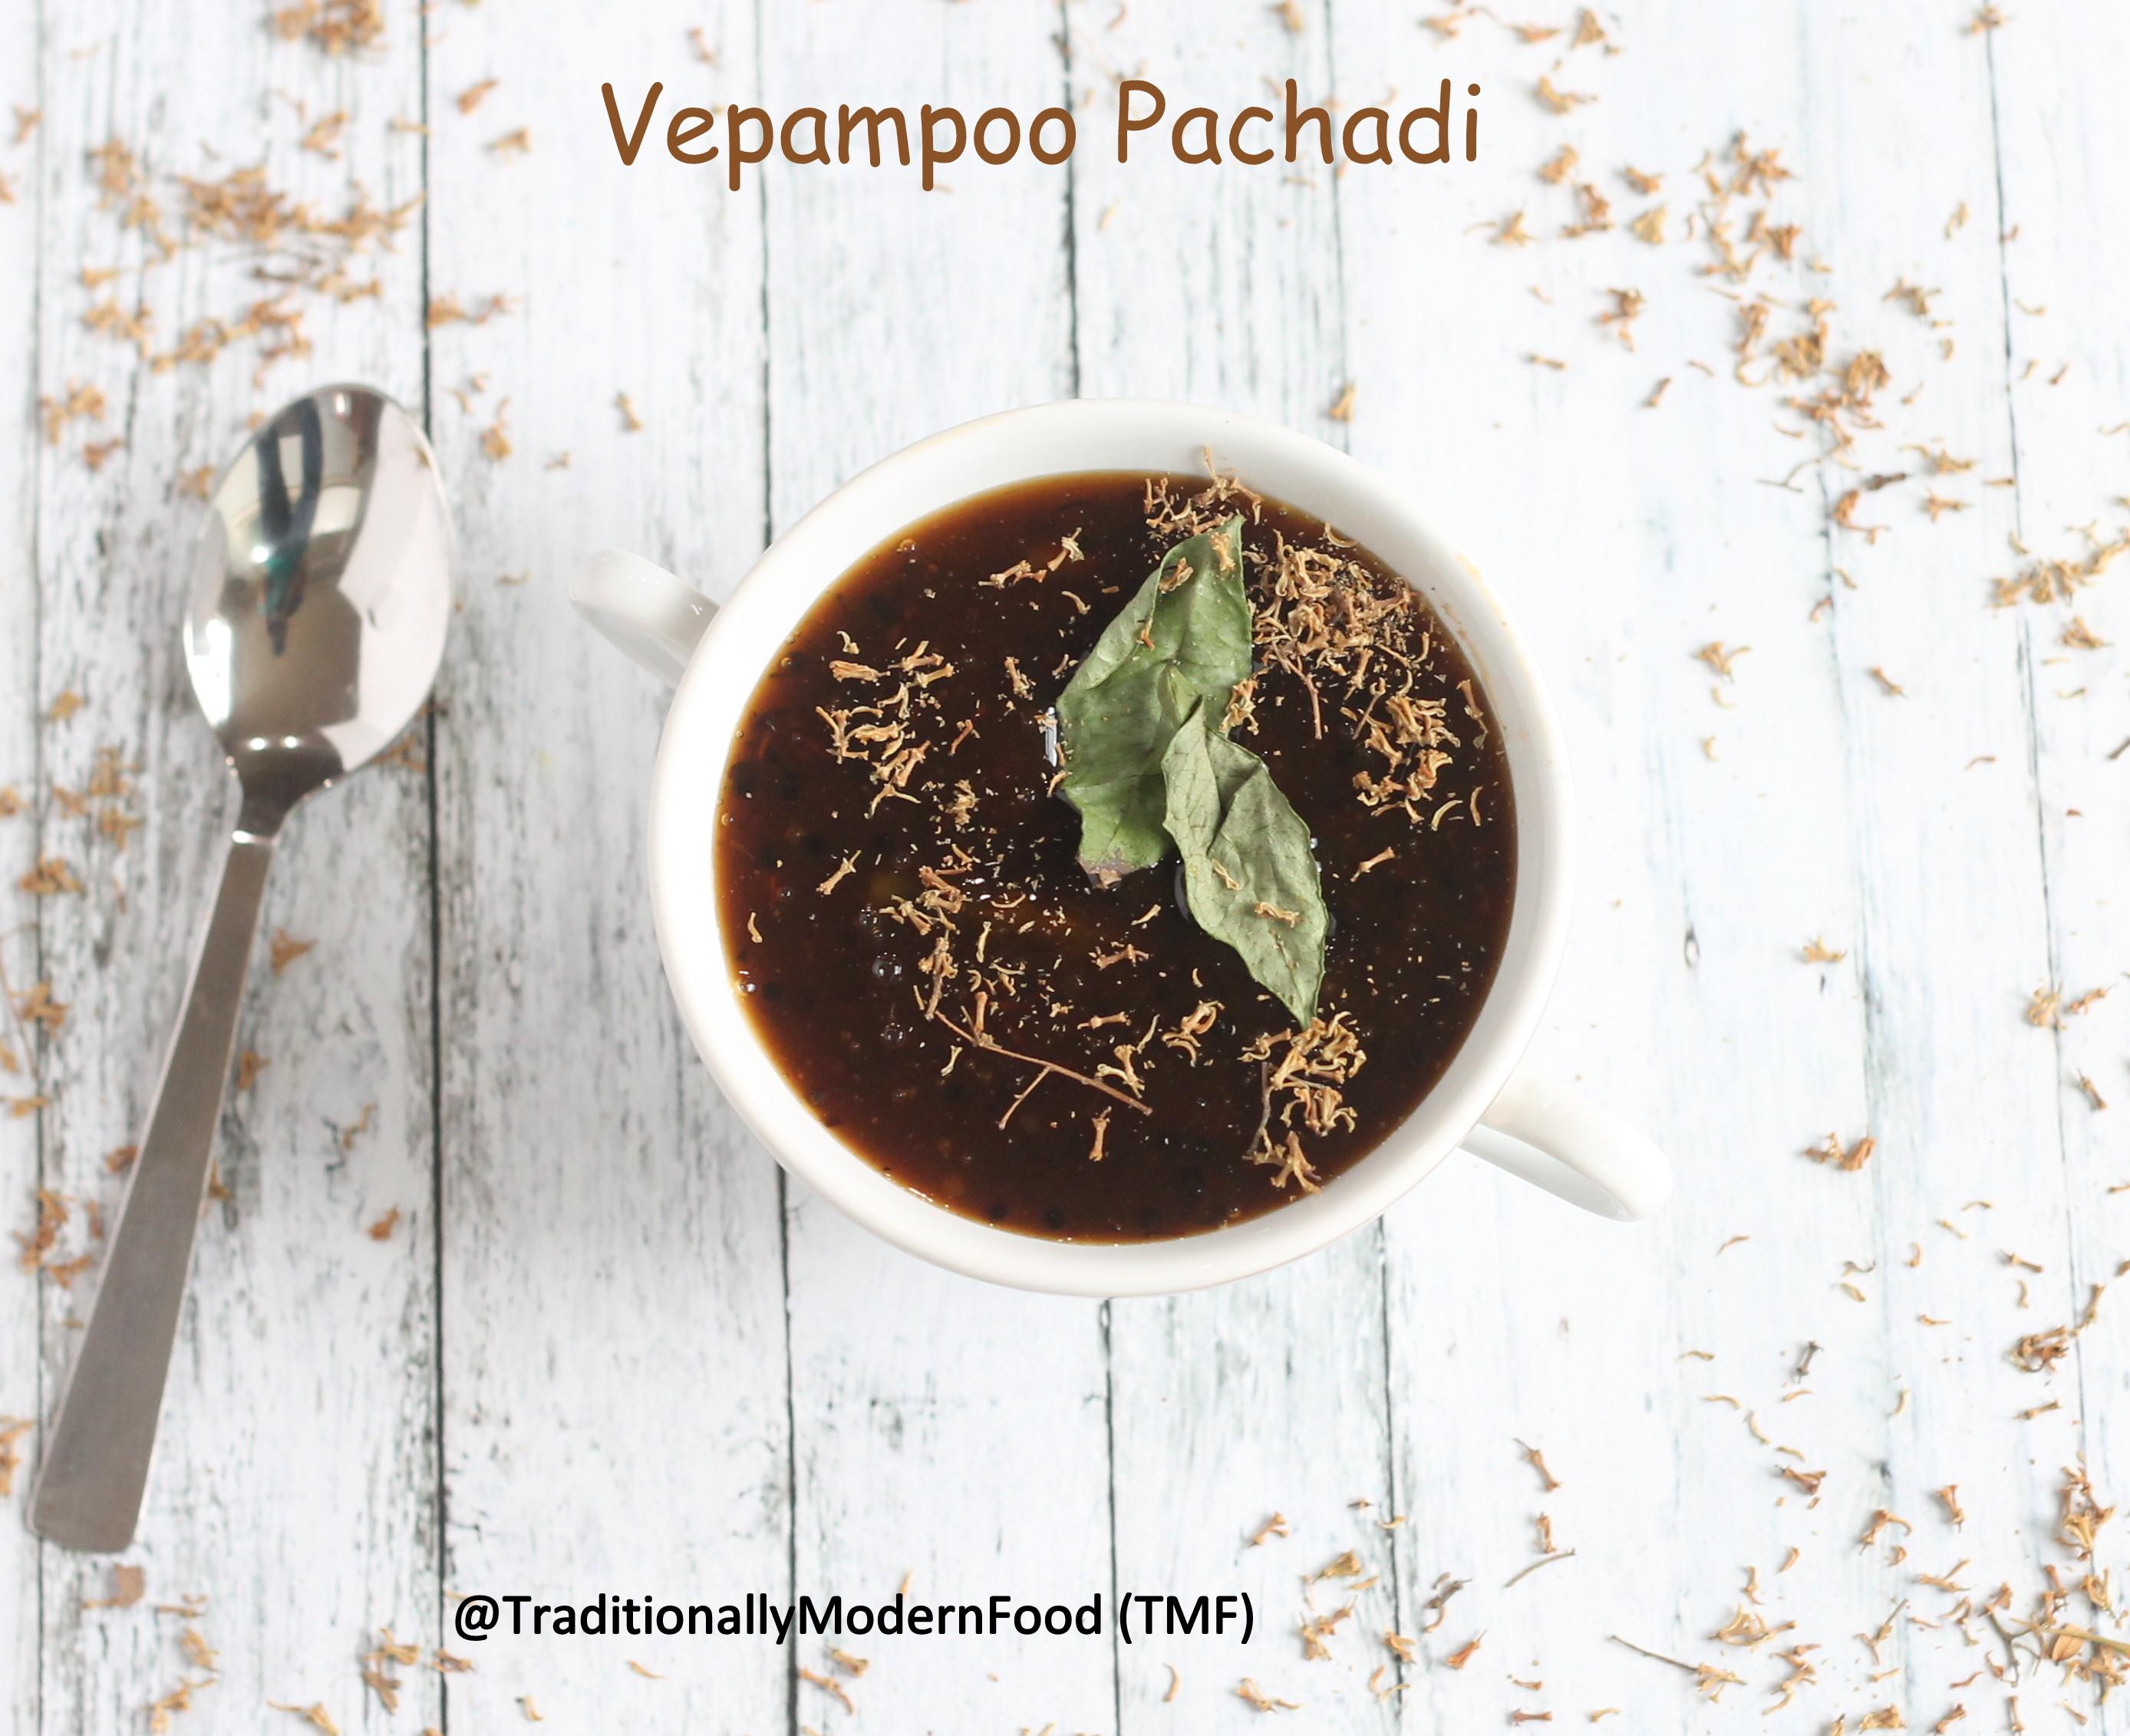 vepampoopachadi (4)